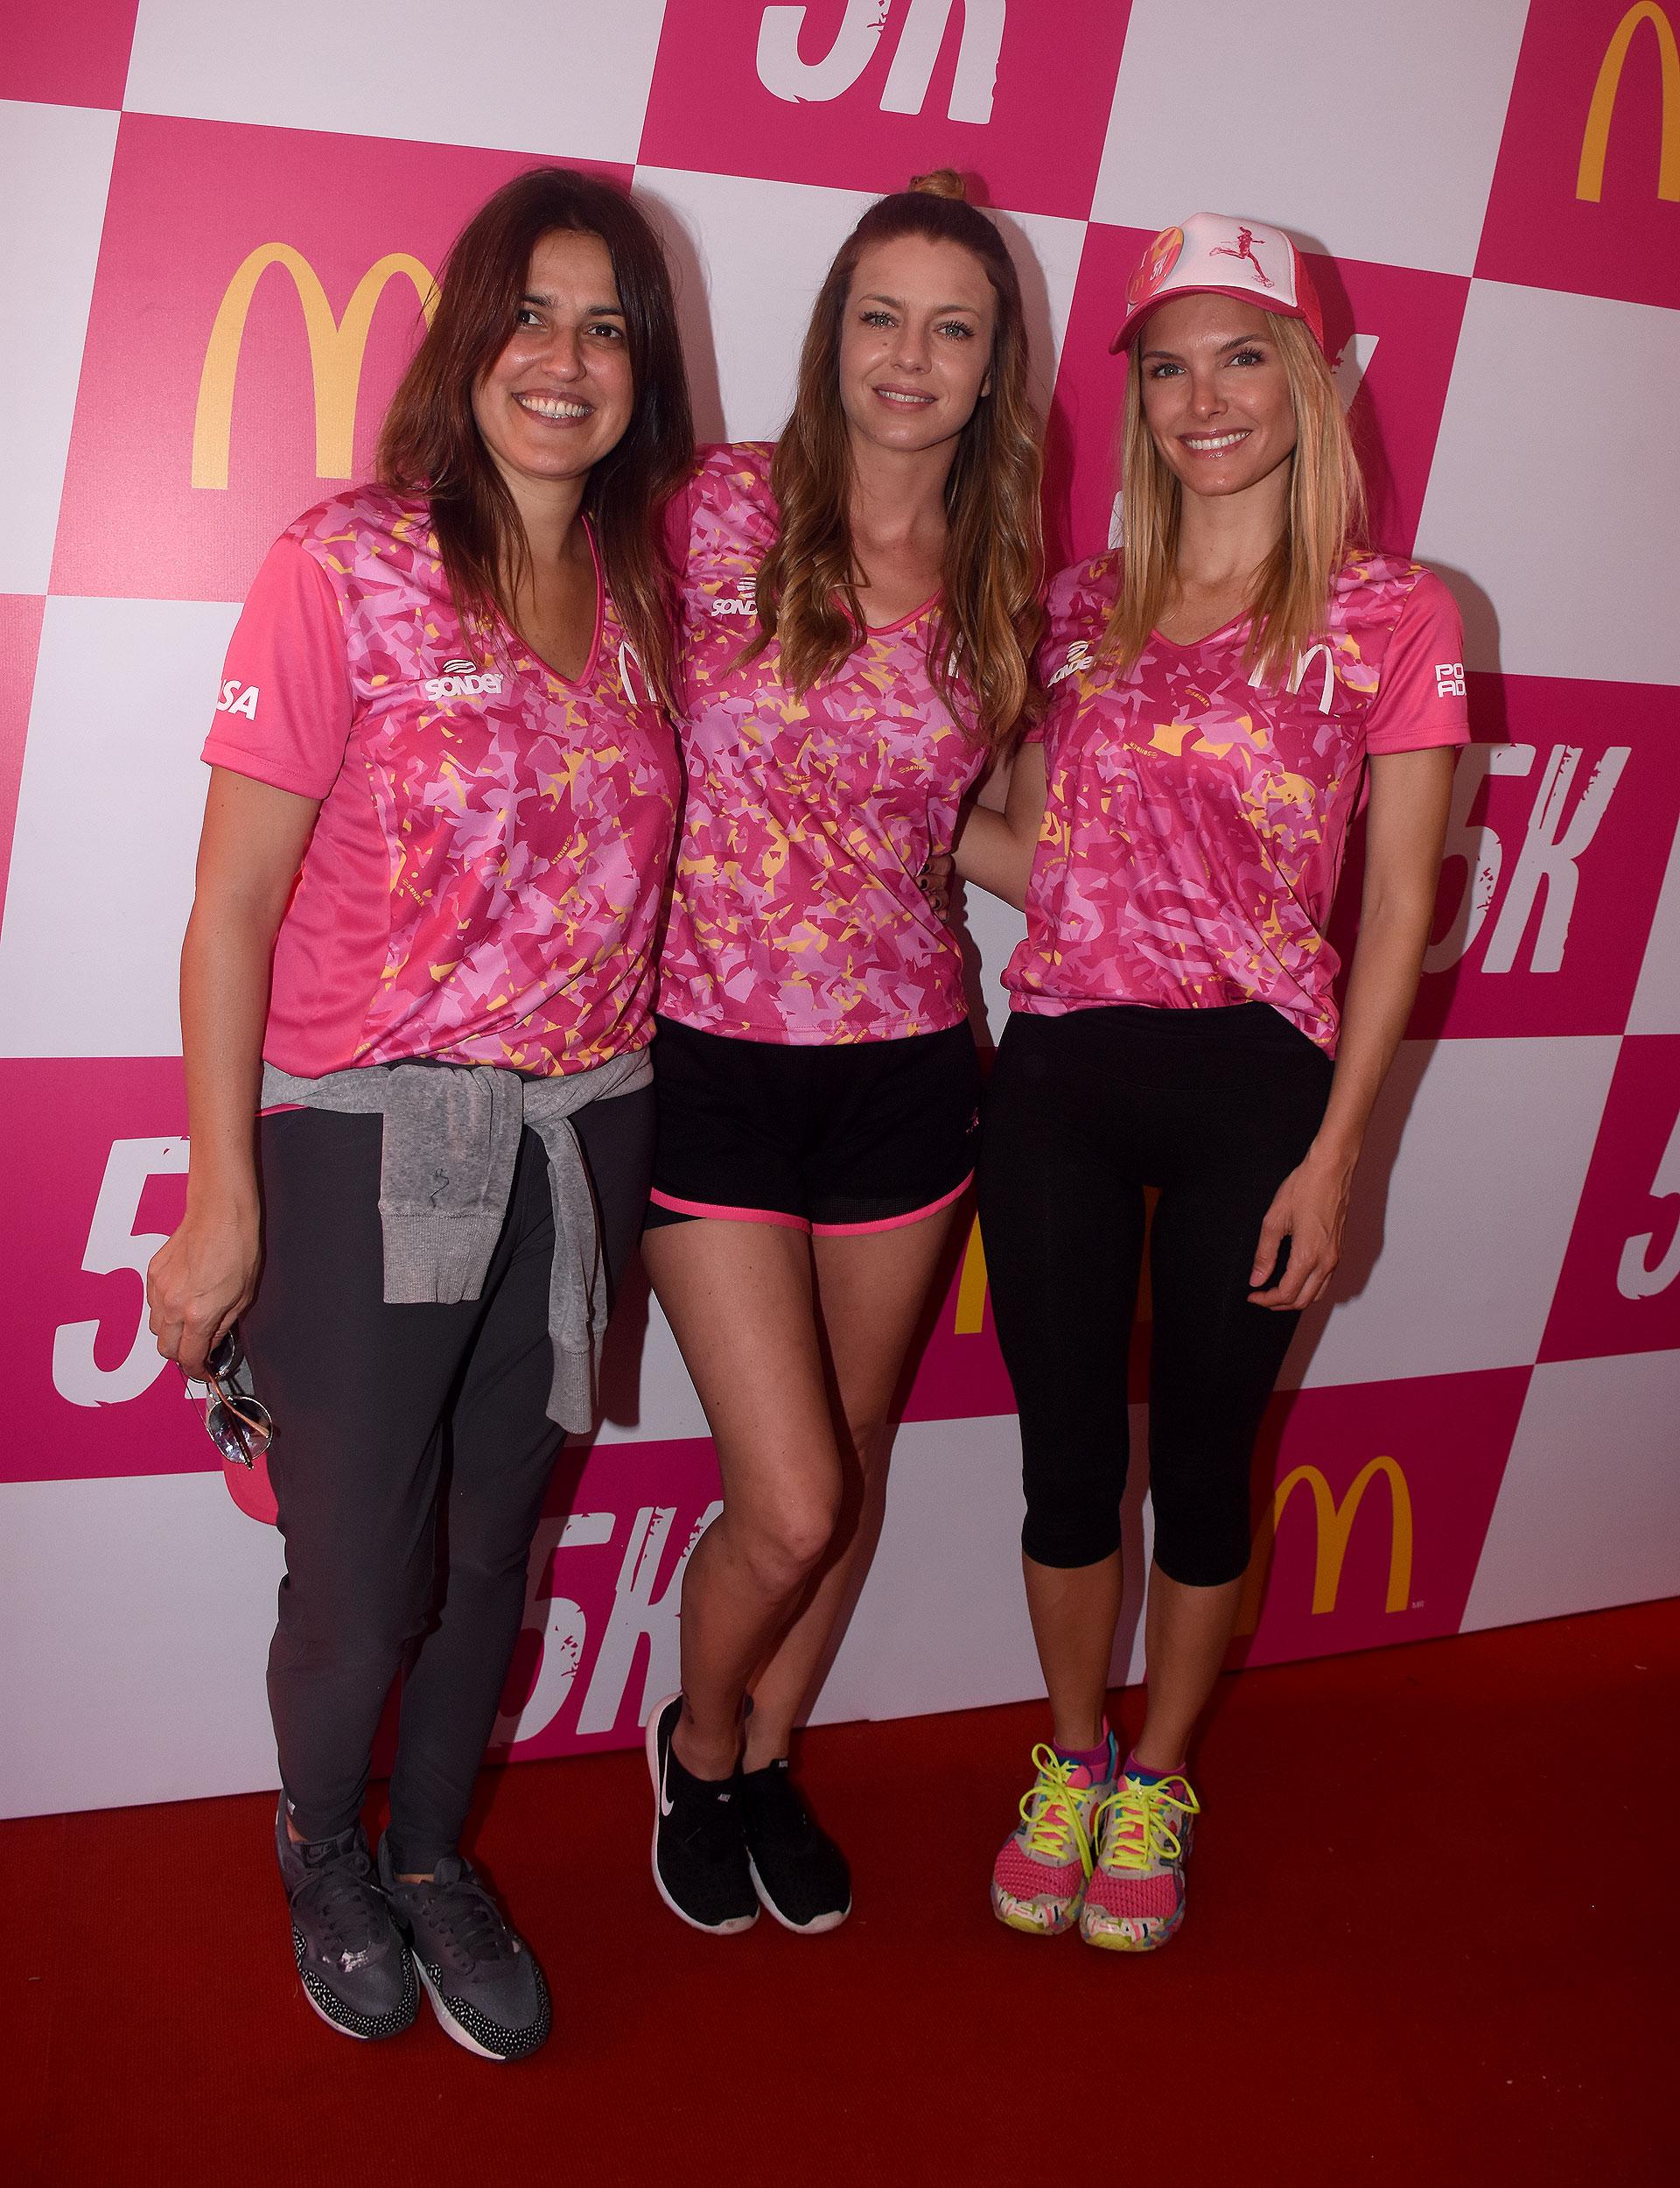 Maju Lozano, Gege Neumann y Sofía Zamolo, listas para correr